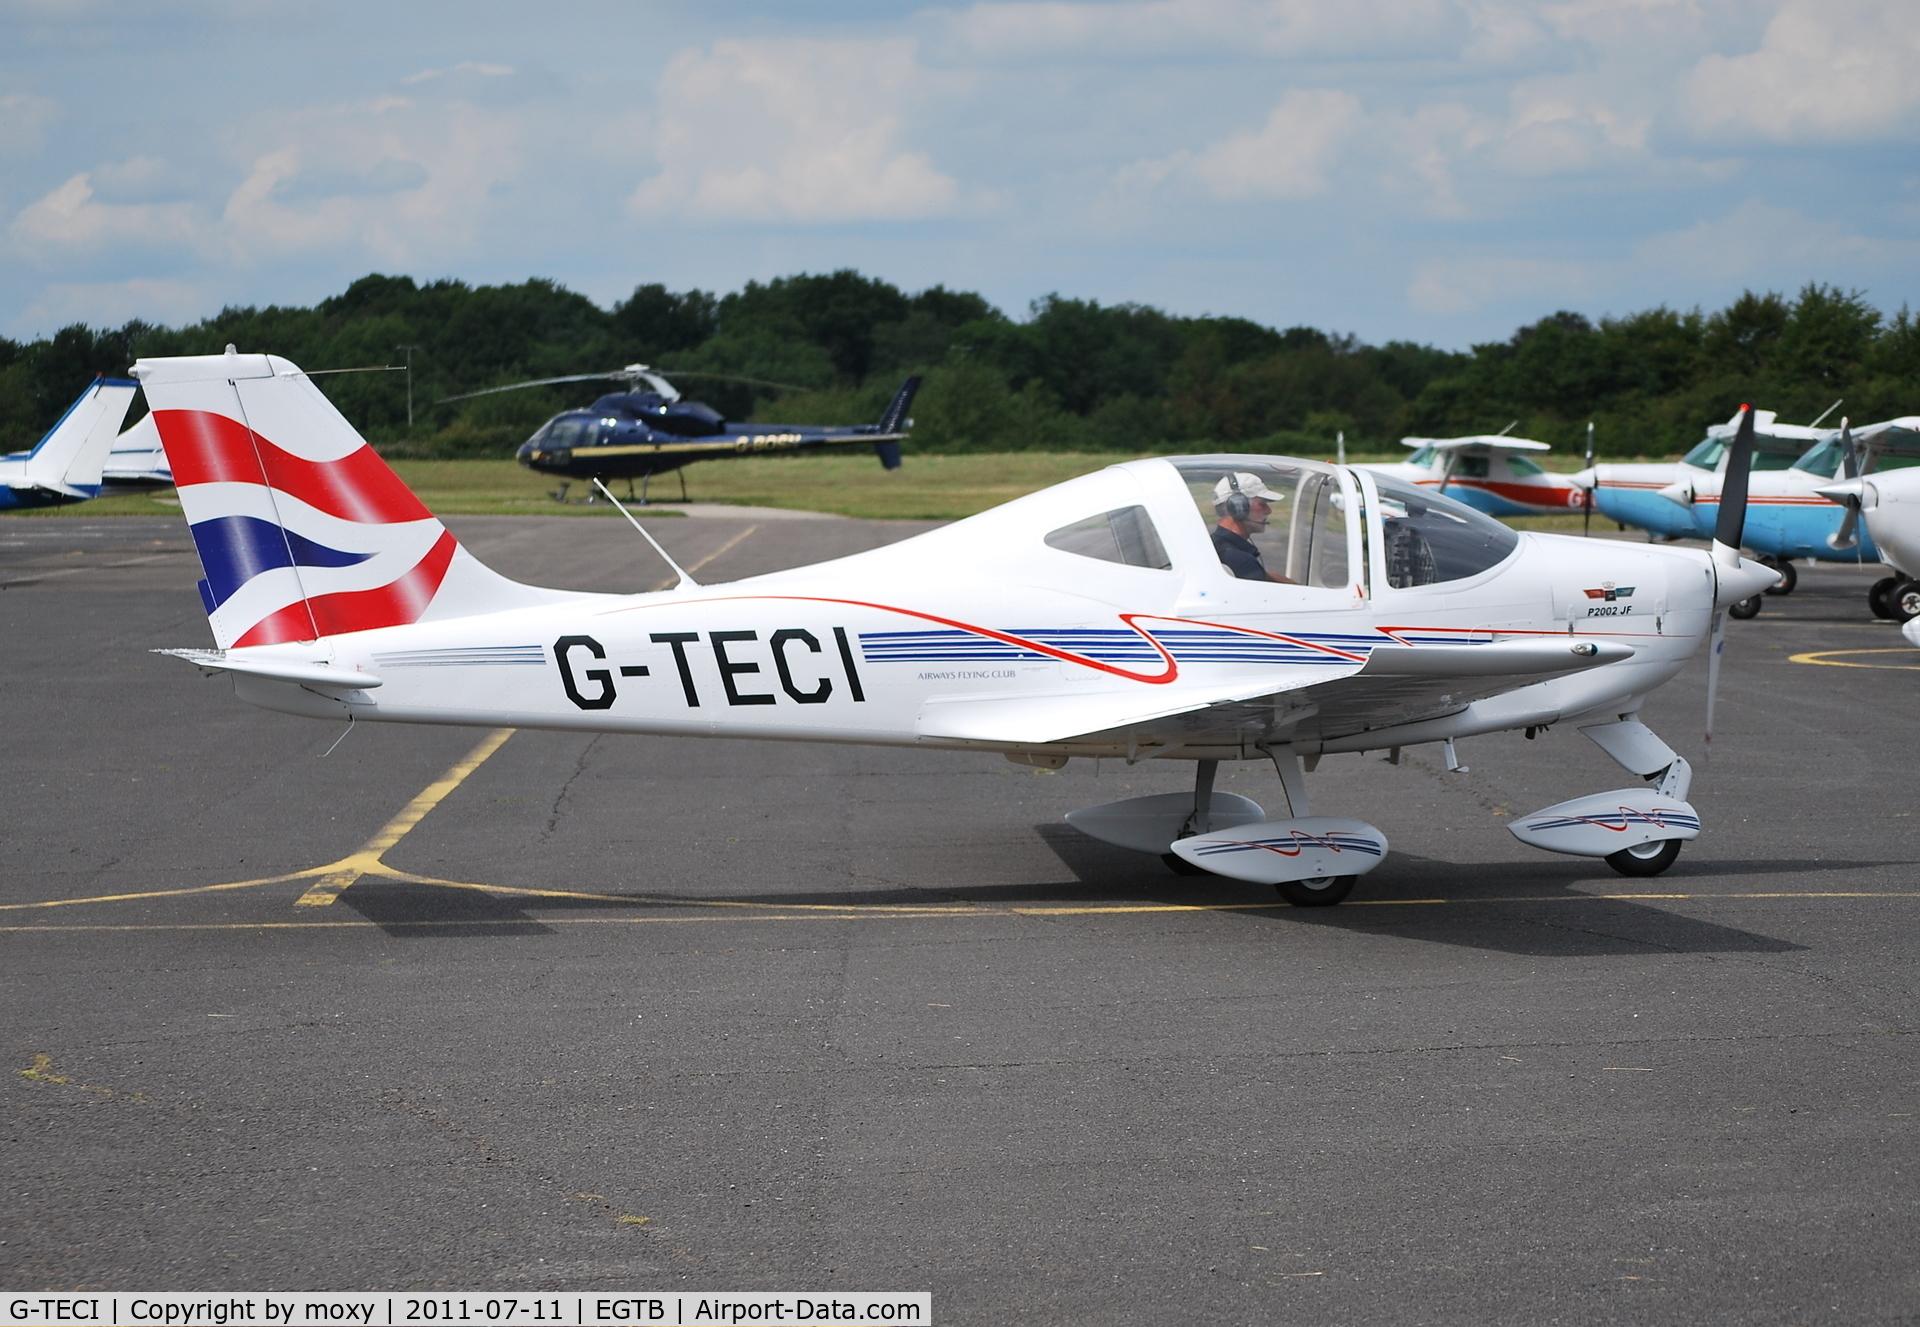 G-TECI, 2010 Tecnam P-2002JF Sierra C/N 127, Tecnam P2002-JF at Wycombe Air Park